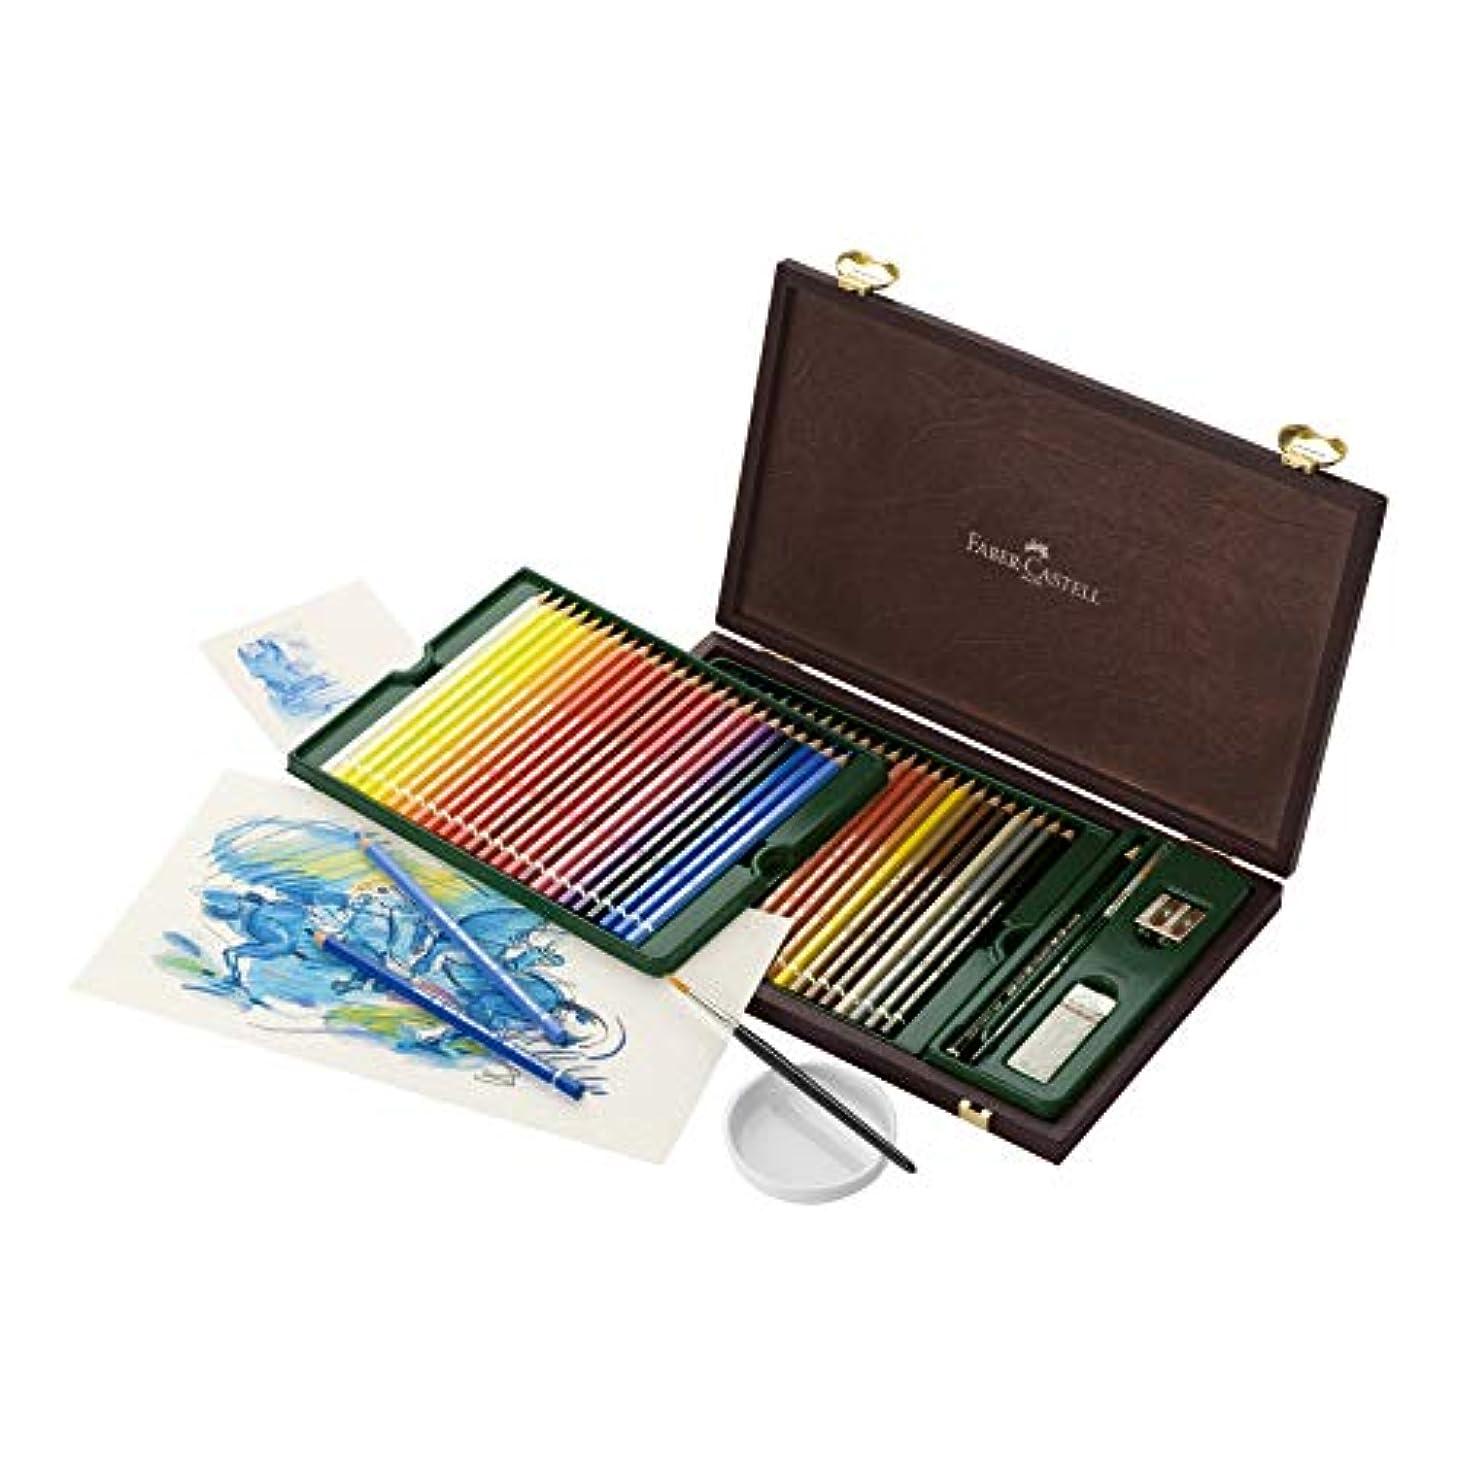 Faber Castell Albrecht Durer Watercolor Pencil Studio Wood Case, Set of 48 Colors & Accessories (FC117506)